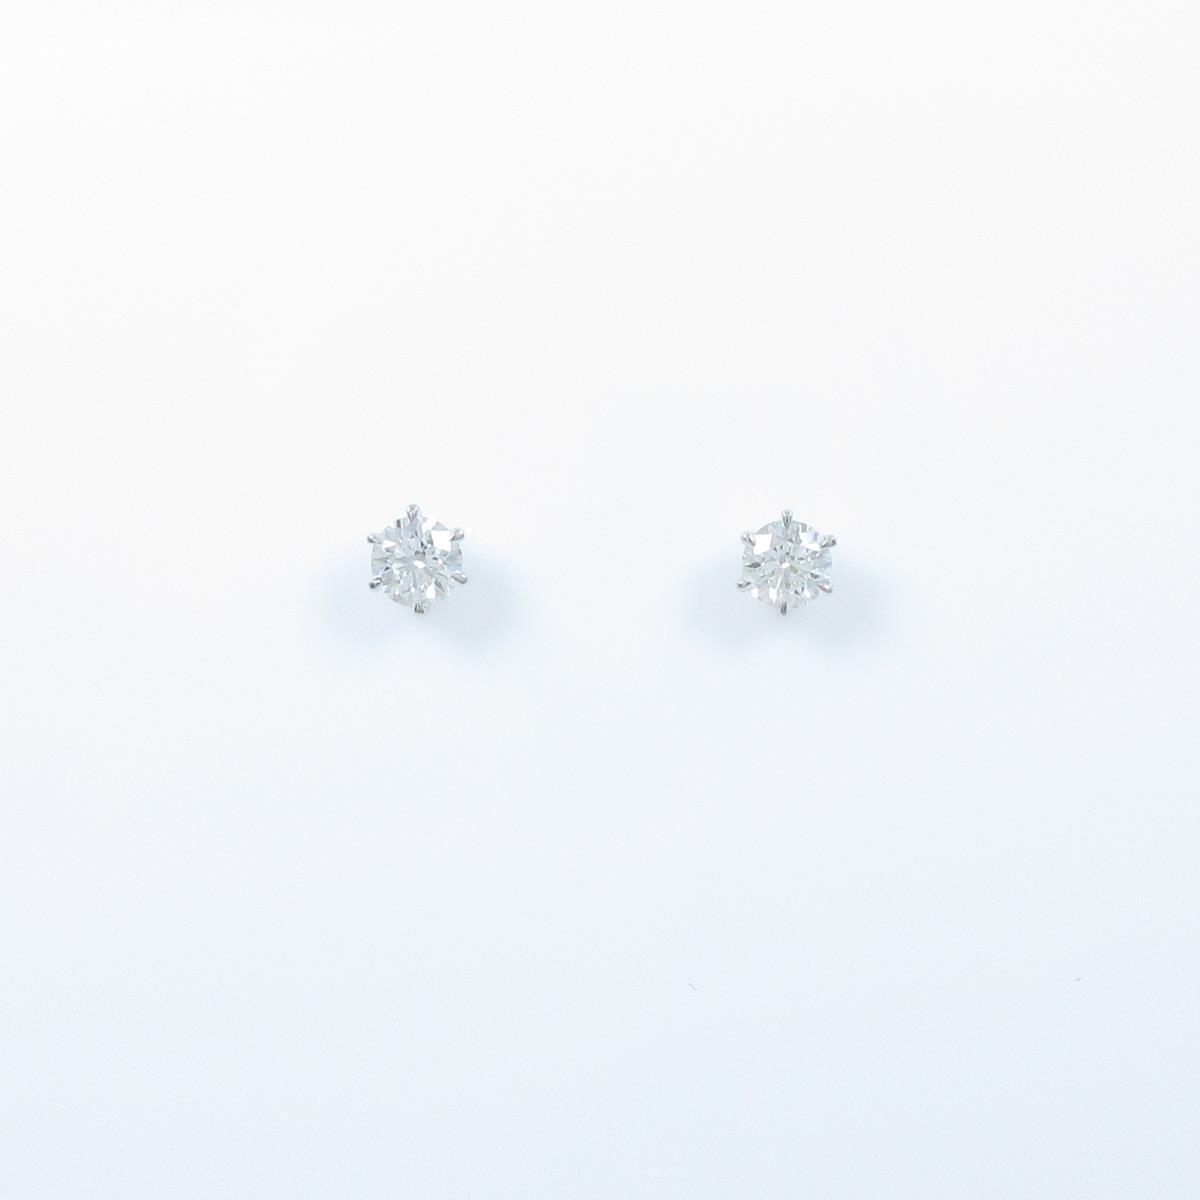 【リメイク】ST/プラチナダイヤモンドピアス 0.201ct・0.214ct・E-F・VVS1・3EX-EX H&C【中古】